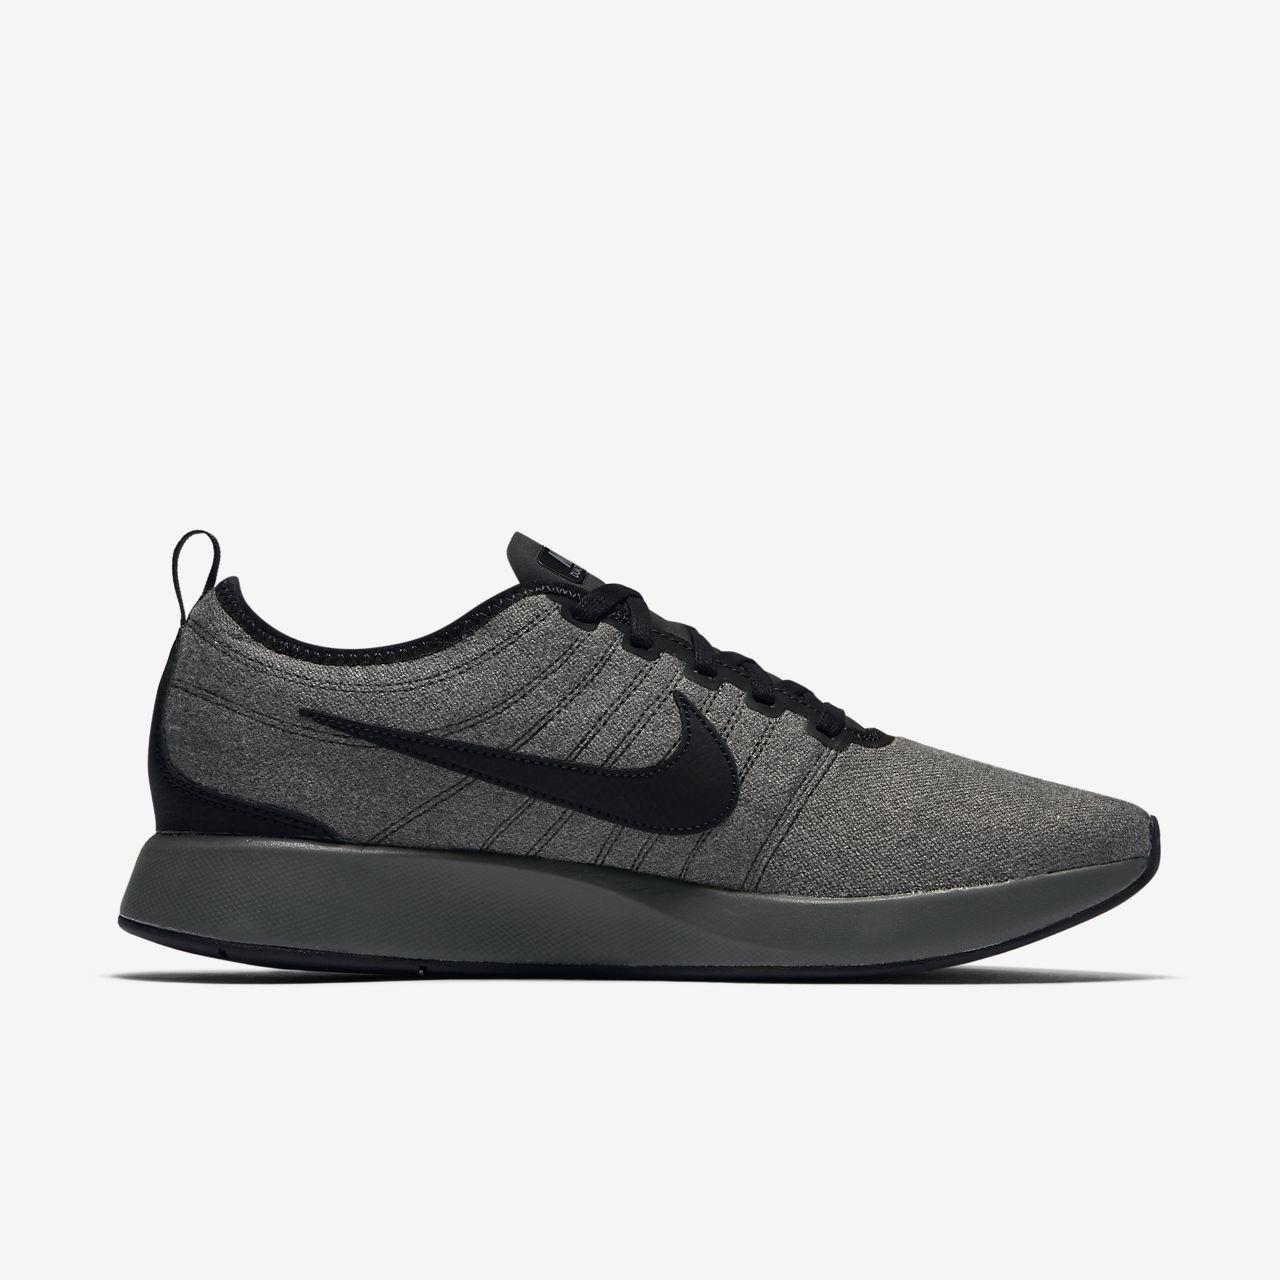 Compra con descuento Nike Sneakers Dualtone Racer Se - Gris Y Negro Precio bajo tarifa de envío Estilo de moda Outlet Fotos gratis de Footlocker Obtenga Auténtico 8k5ptUzbSM